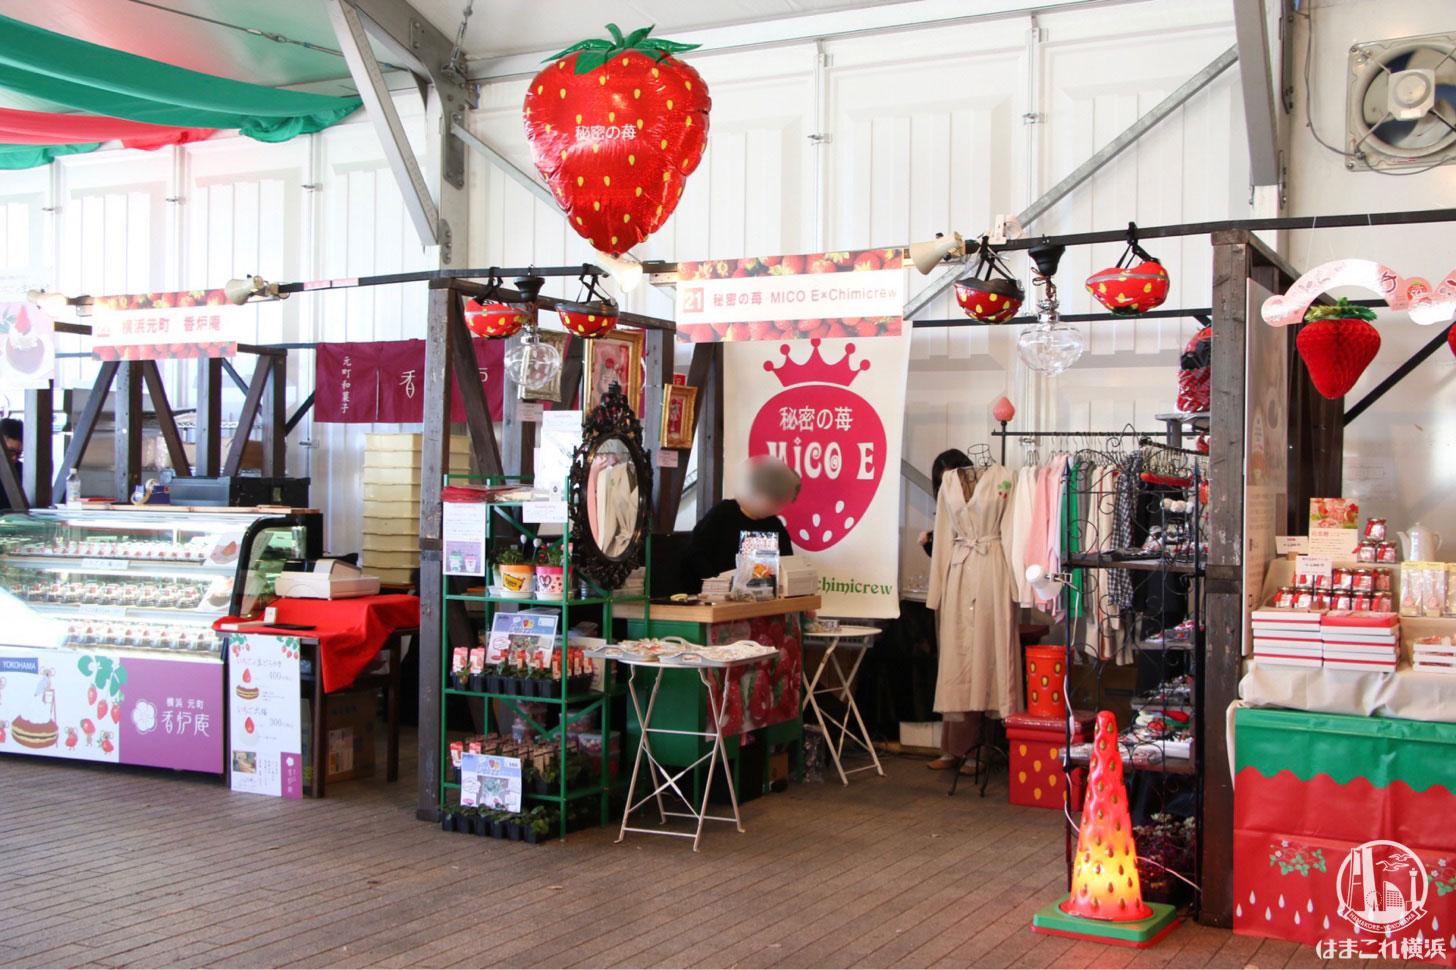 ストロベリー フェスティバル 2019 雑貨店MICO E×Chimicrew